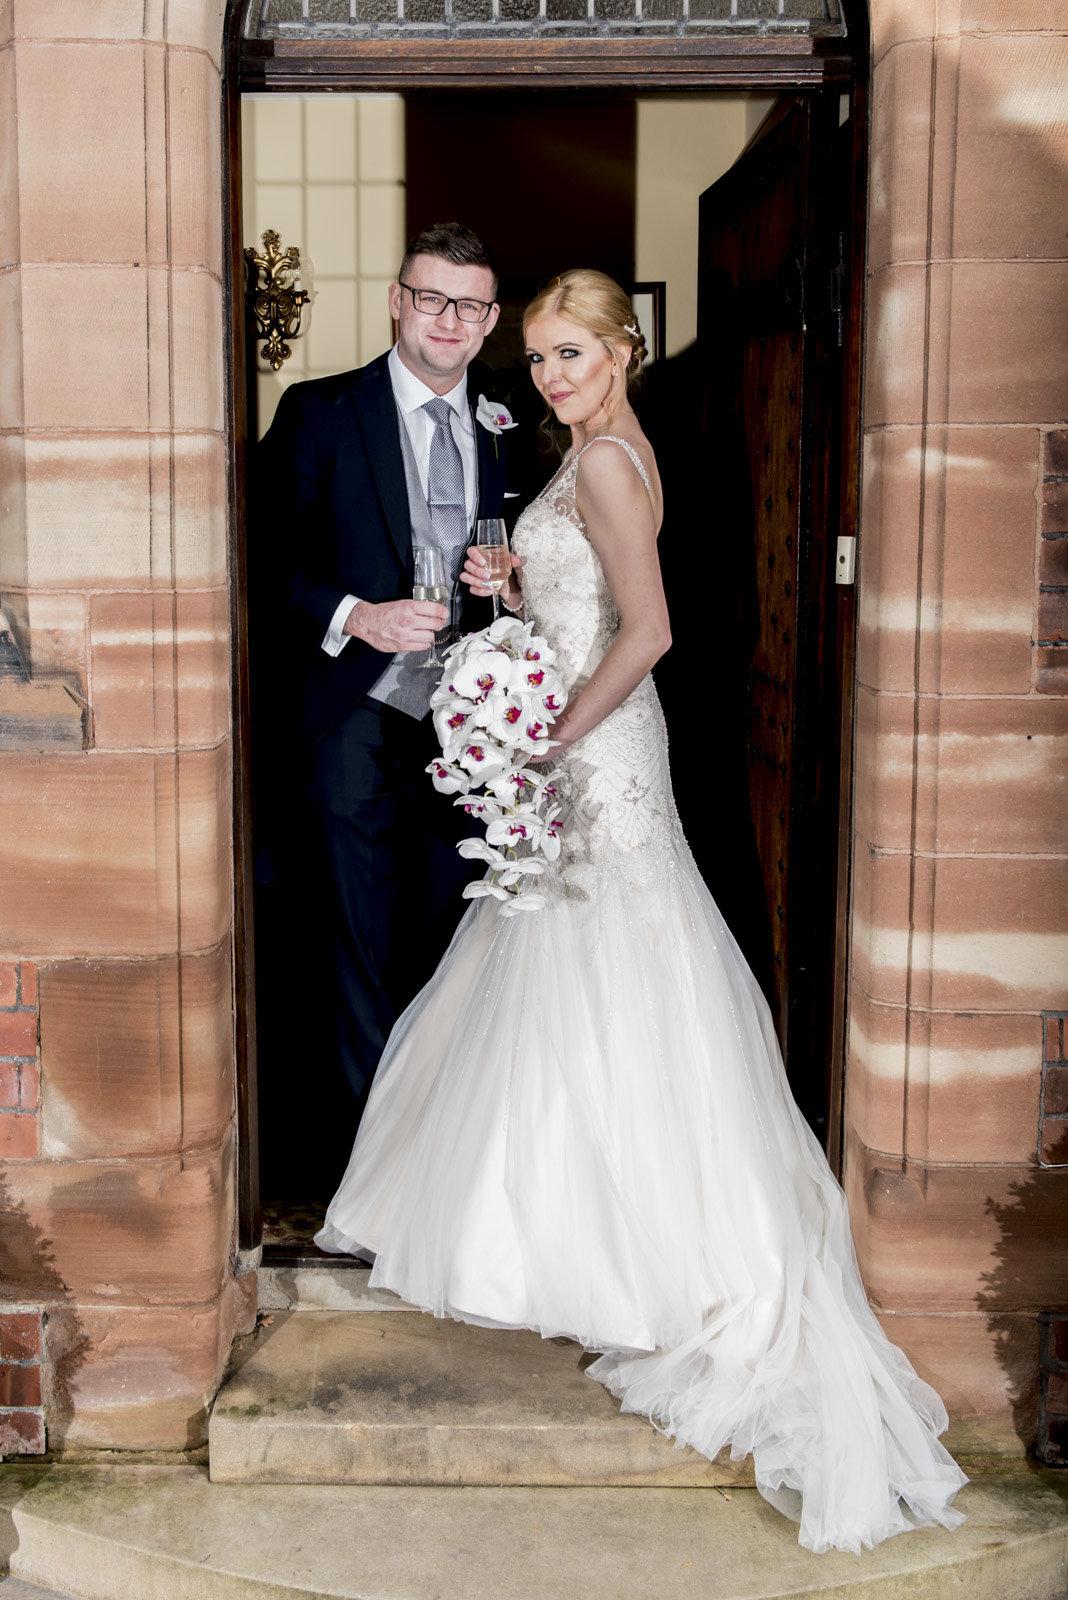 Jen and Rich Formal in door